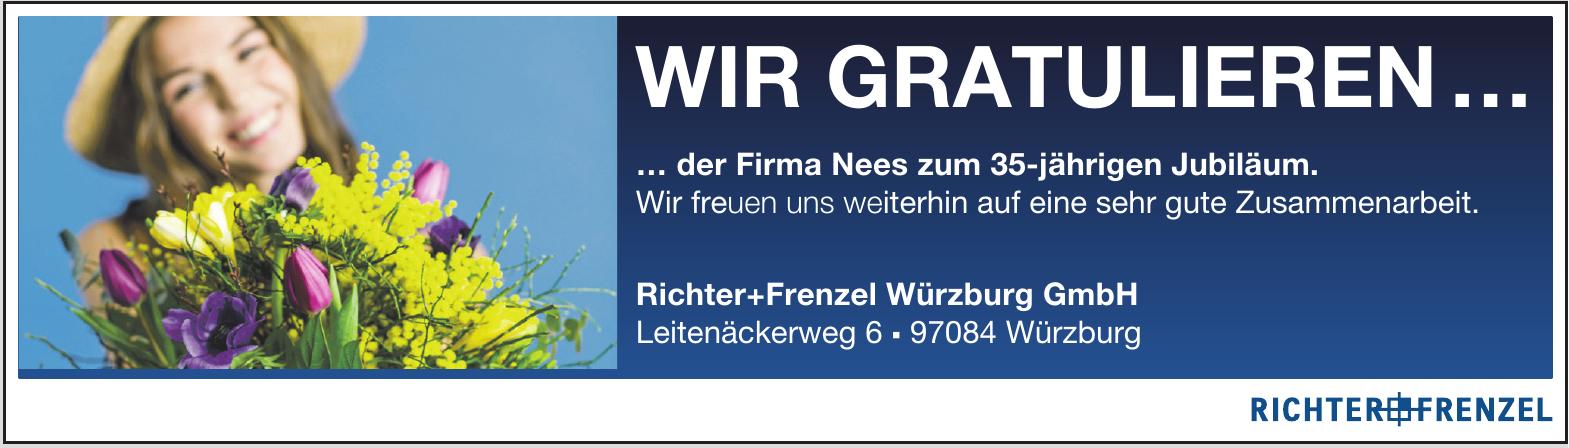 Richter+Frenzel Würzburg GmbH